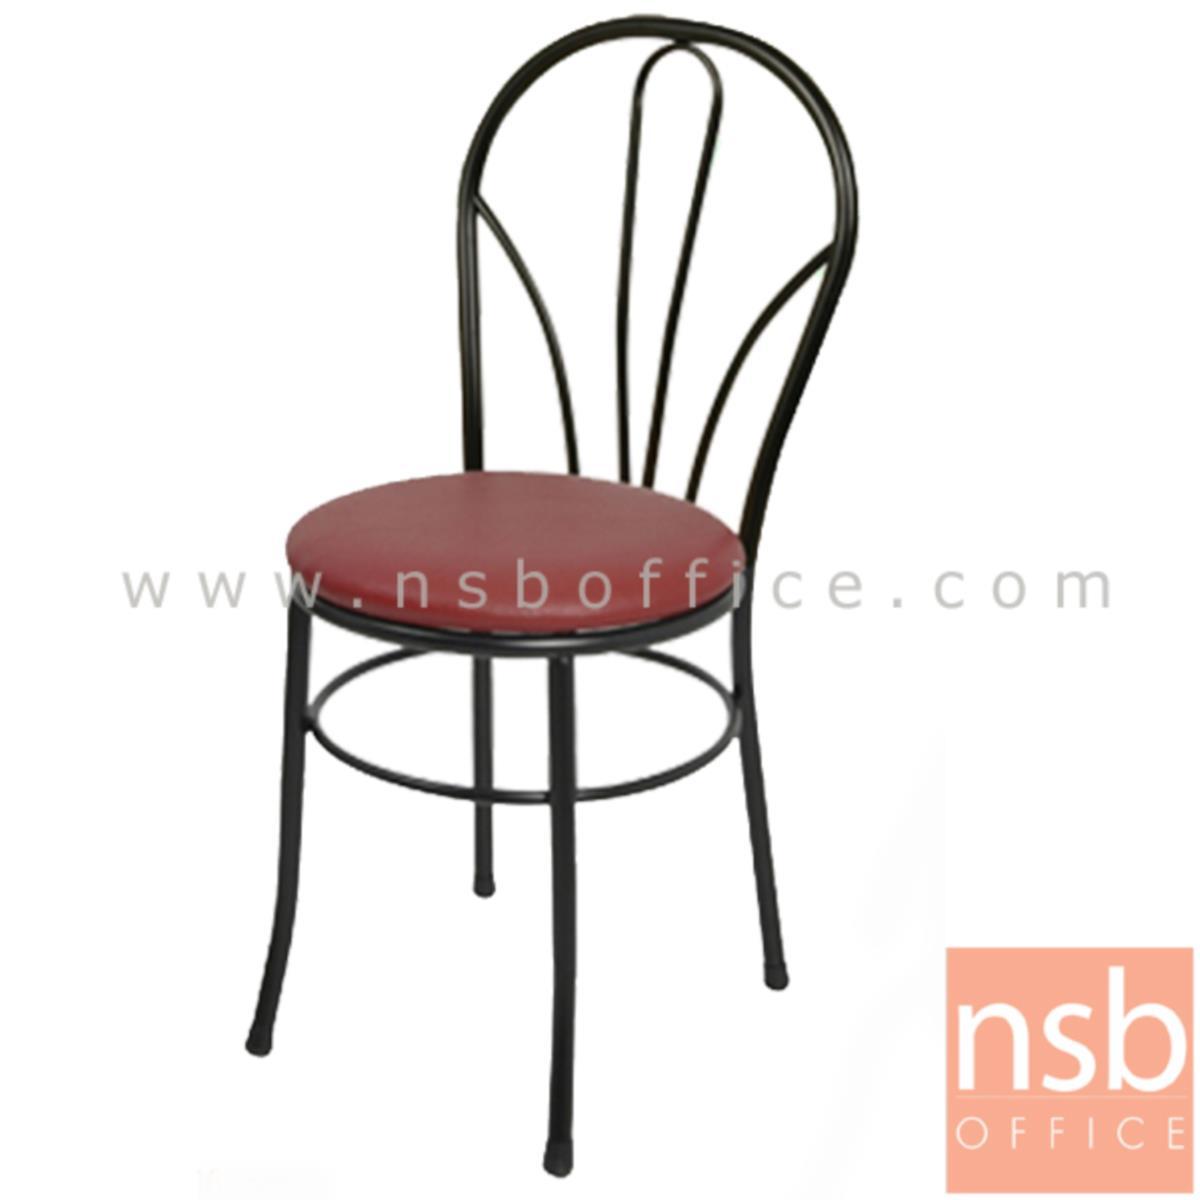 B20A045:เก้าอี้อเนกประสงค์เหล็ก รุ่น BONGA-BB  ขาเหล็กพ่นดำ